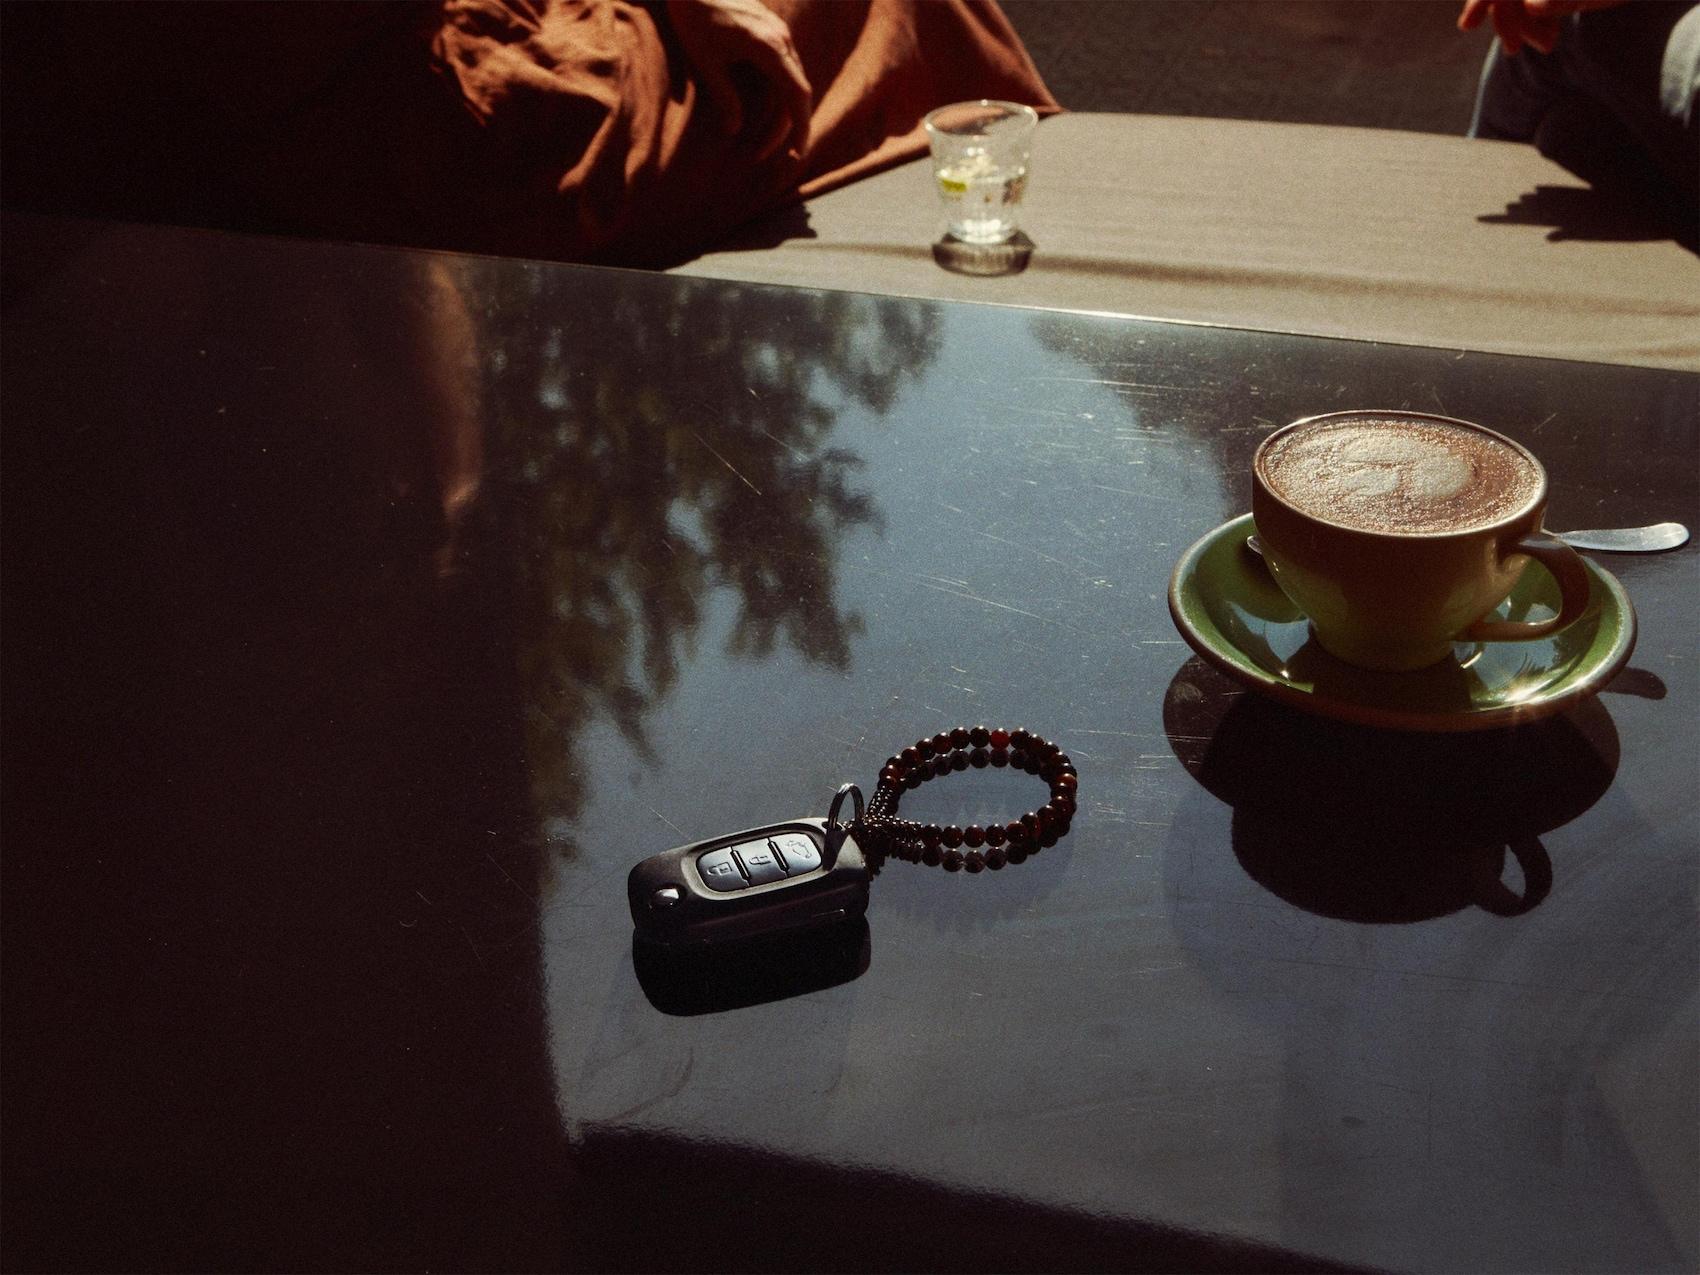 Chiavi dell'auto accanto a un caffè sul tavolo.